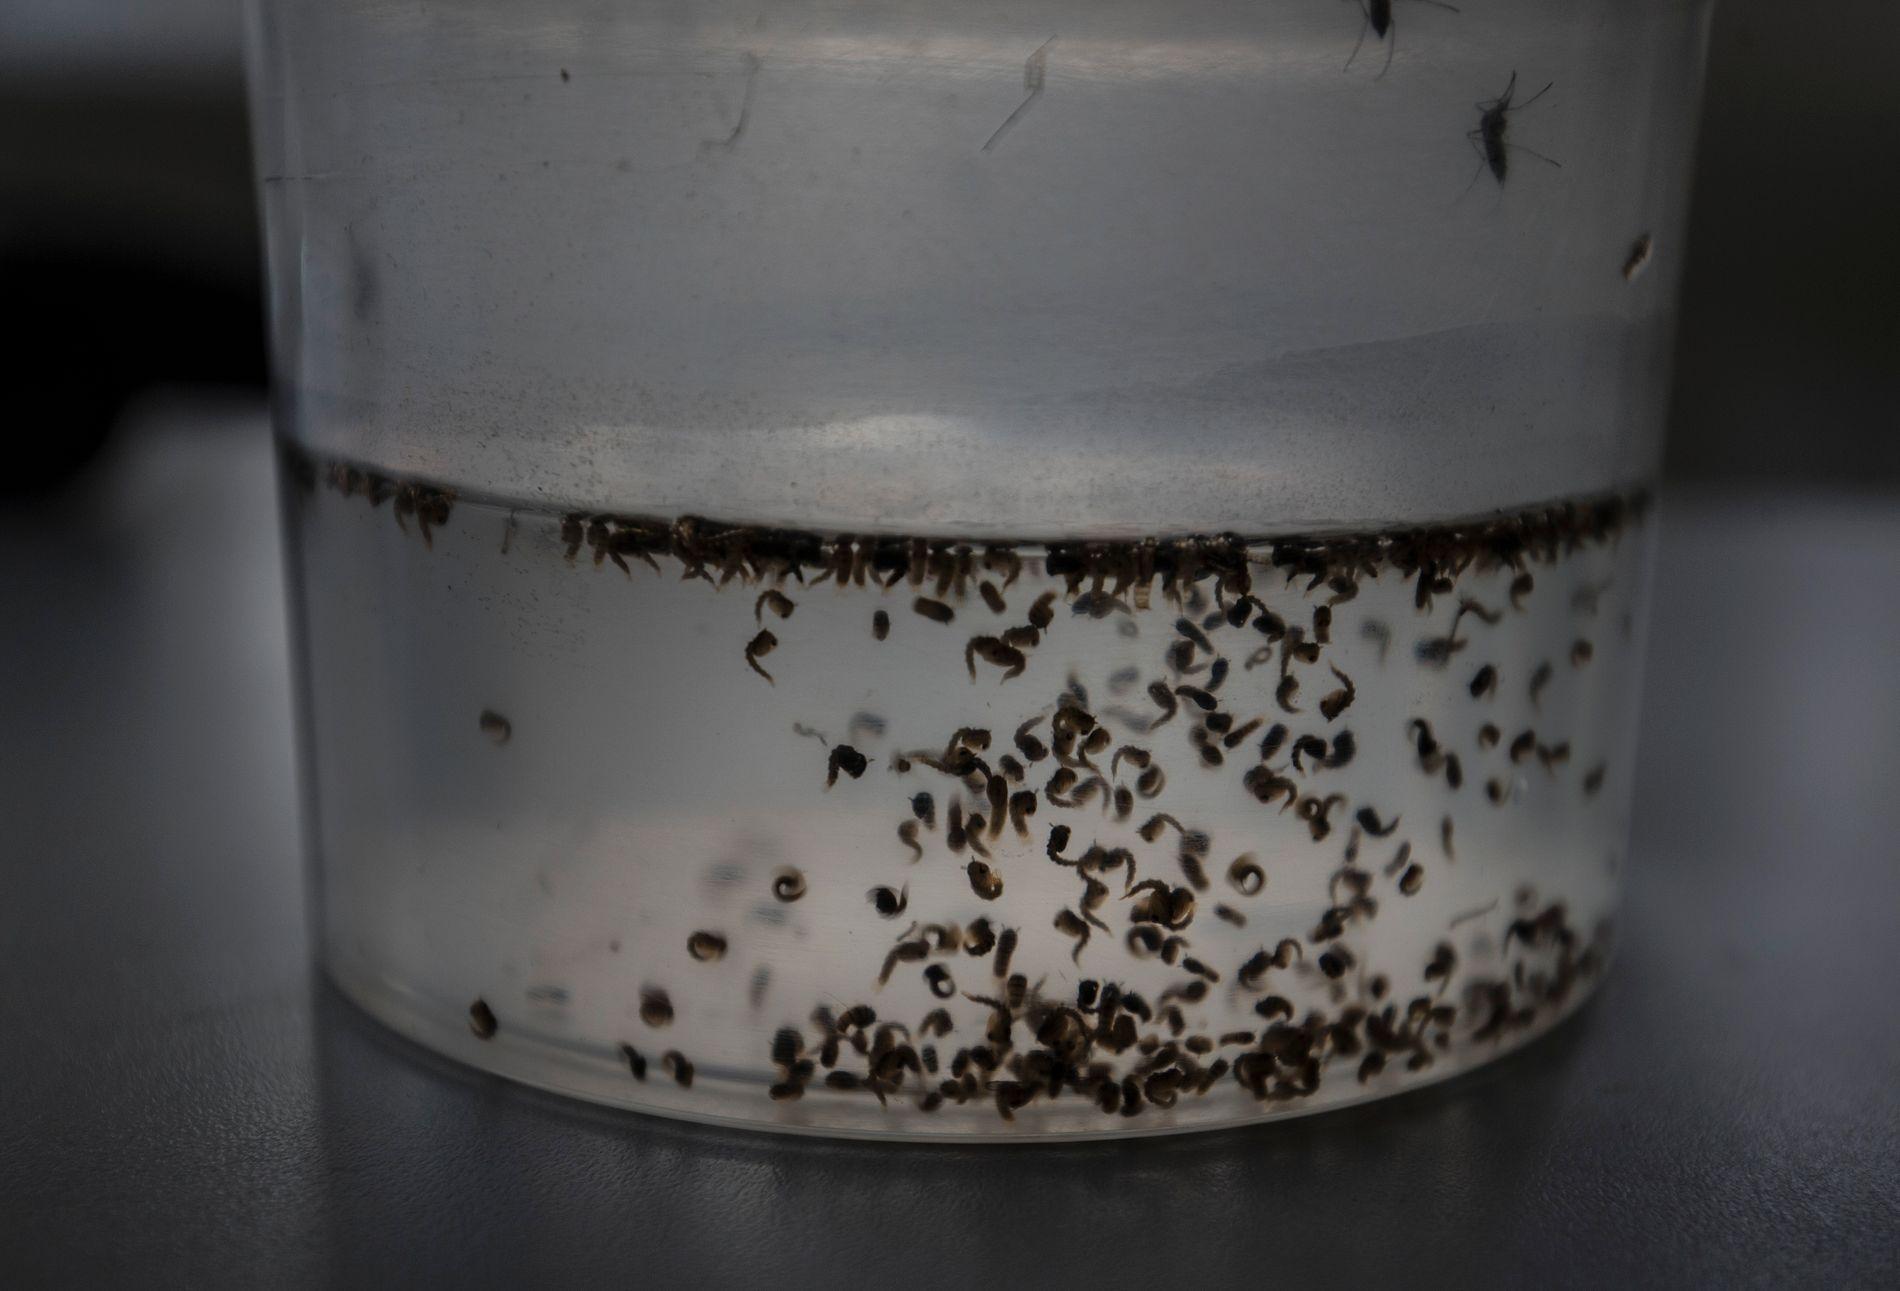 MYGG: Zikaviruset som hovedsakelig spres via mygg ble først oppdaget i 1947 i en ape nær Victoriasjøen i Uganda, og er oppkalt etter Zikaskogen, ifølge Folkehelseinstituttet.